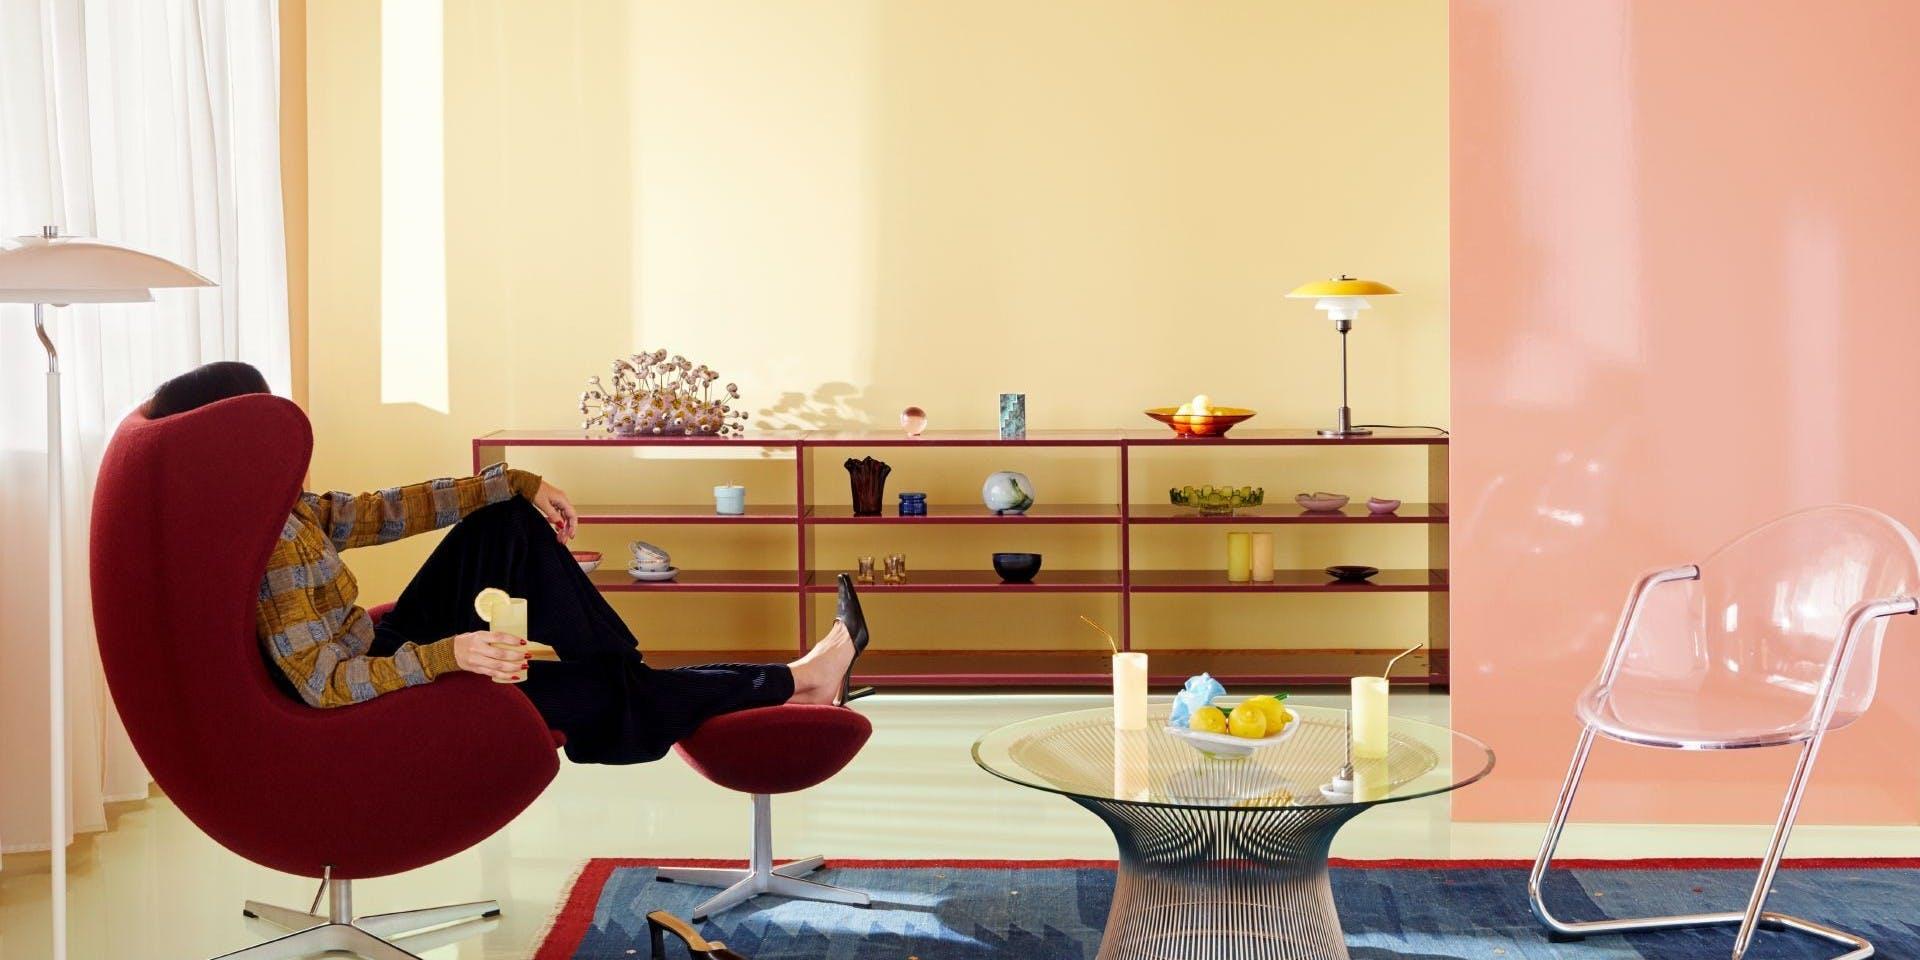 Feel the Colour Collection   Eclectic Interior   Tikkurila